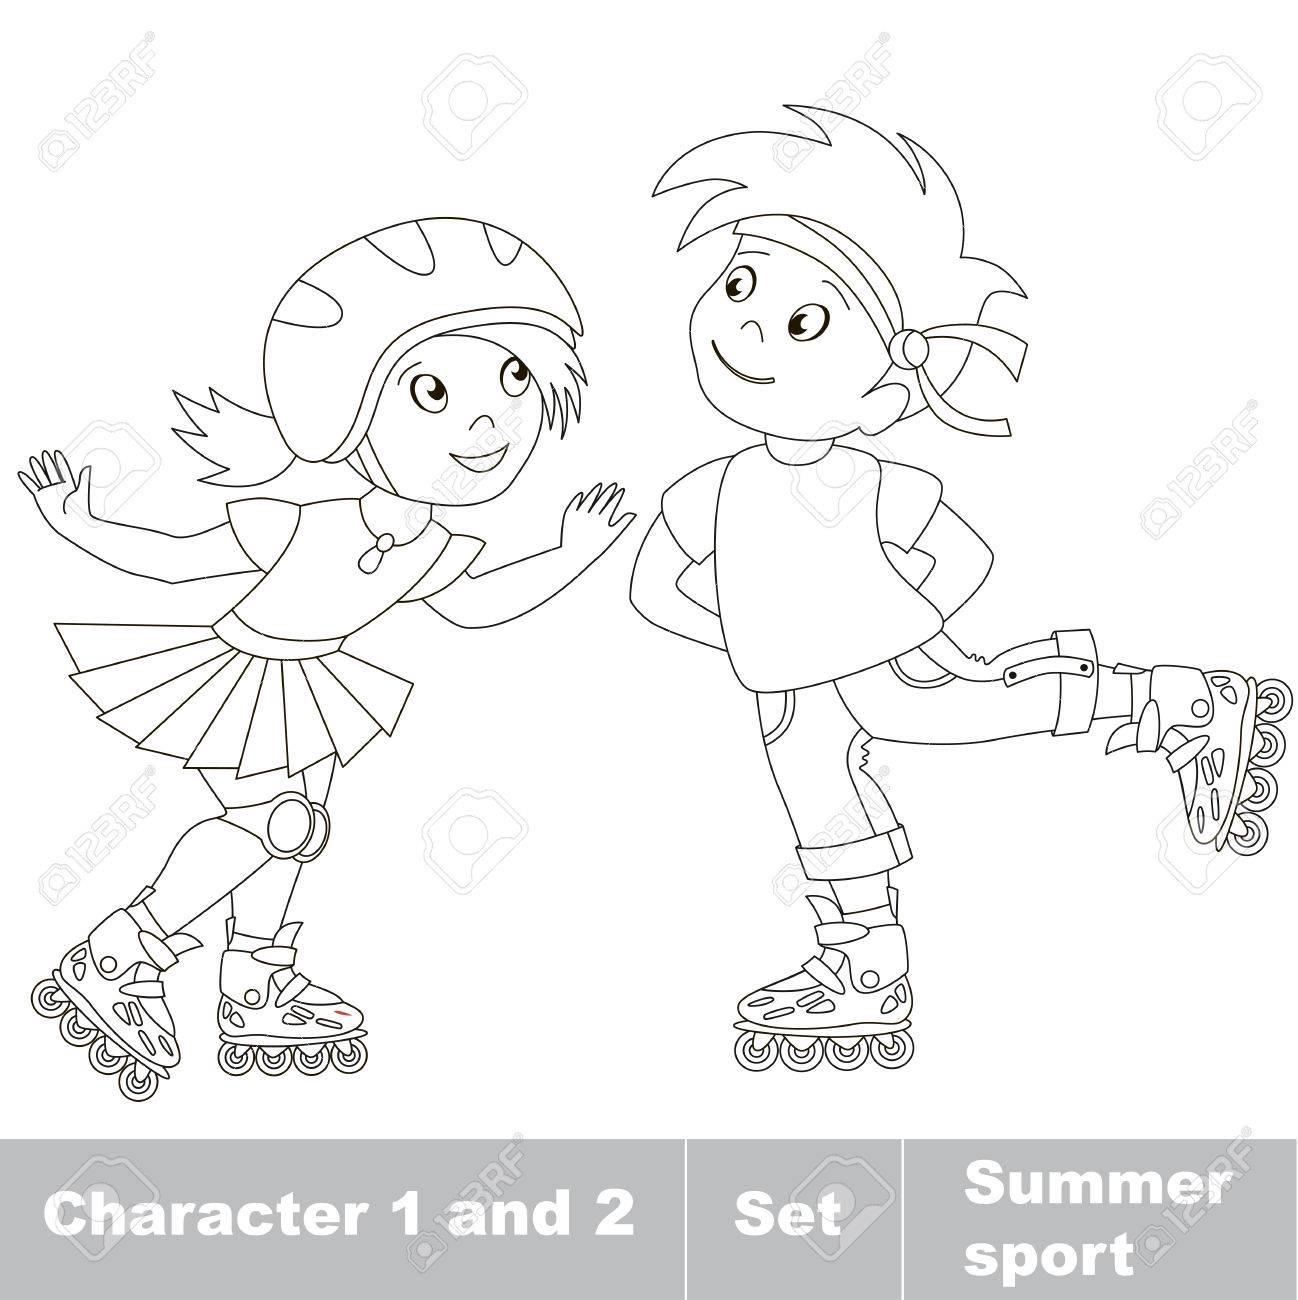 Página A Ser Color Dos Pequeños Niño Y Niña De Patinaje Sobre Patines Verano Juegos Al Aire Libre Para Los Niños Niños Deporte Verano